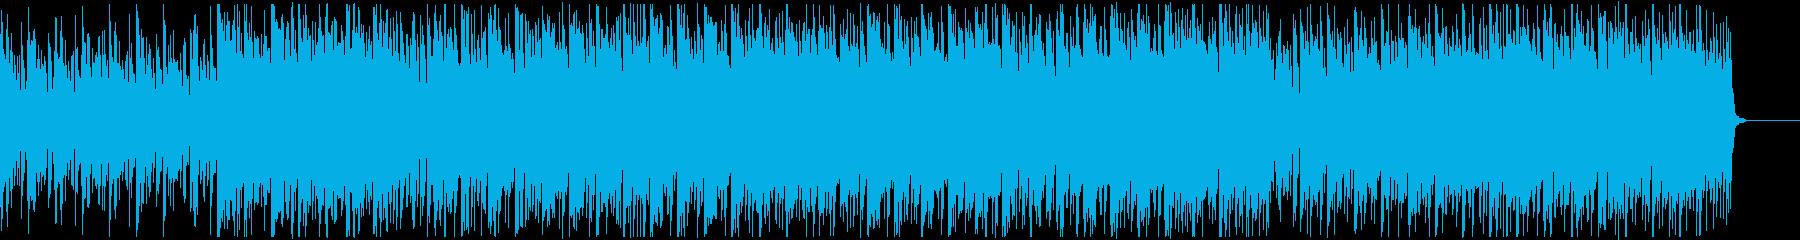 【VP向け】アップリフティング系ソングの再生済みの波形